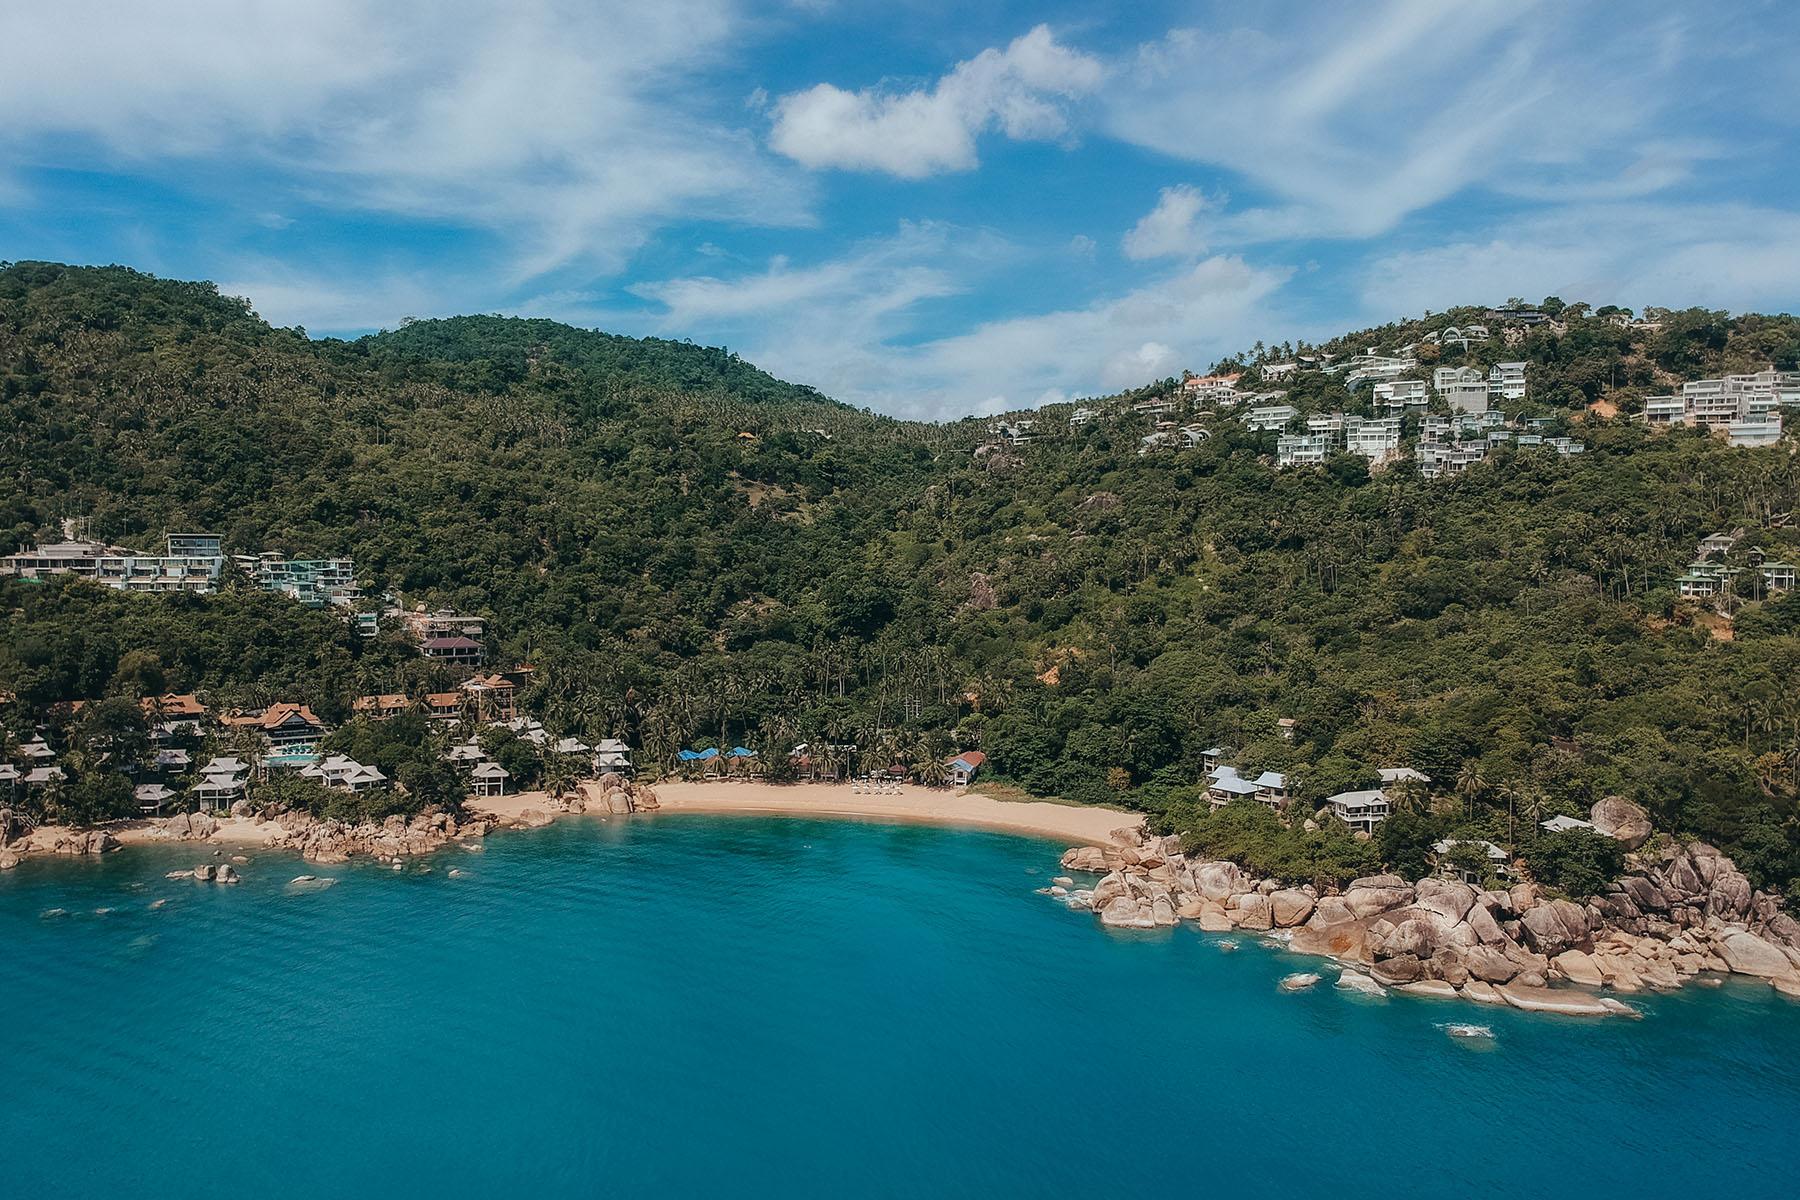 Ansicht Coral Cove Beach Koh Samui von oben. Drohnenaufnahme